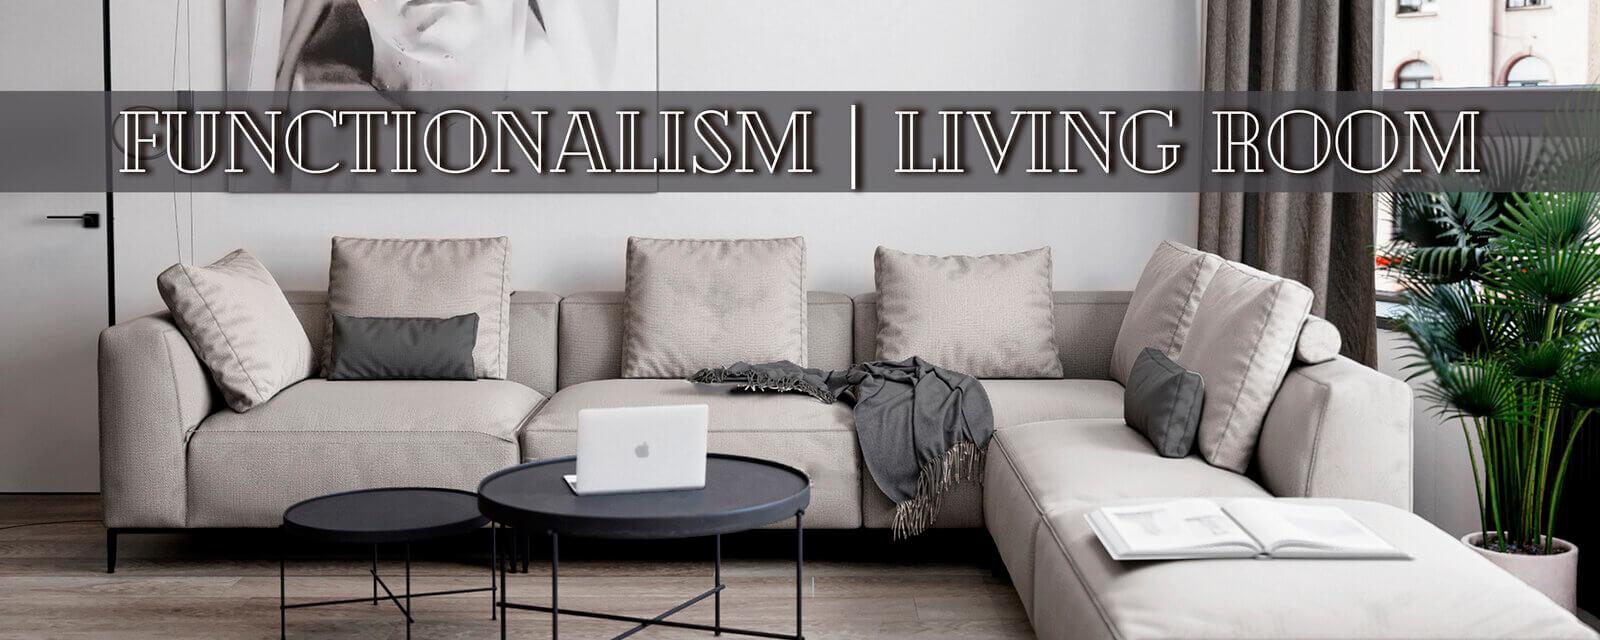 Functionalism | Living Room